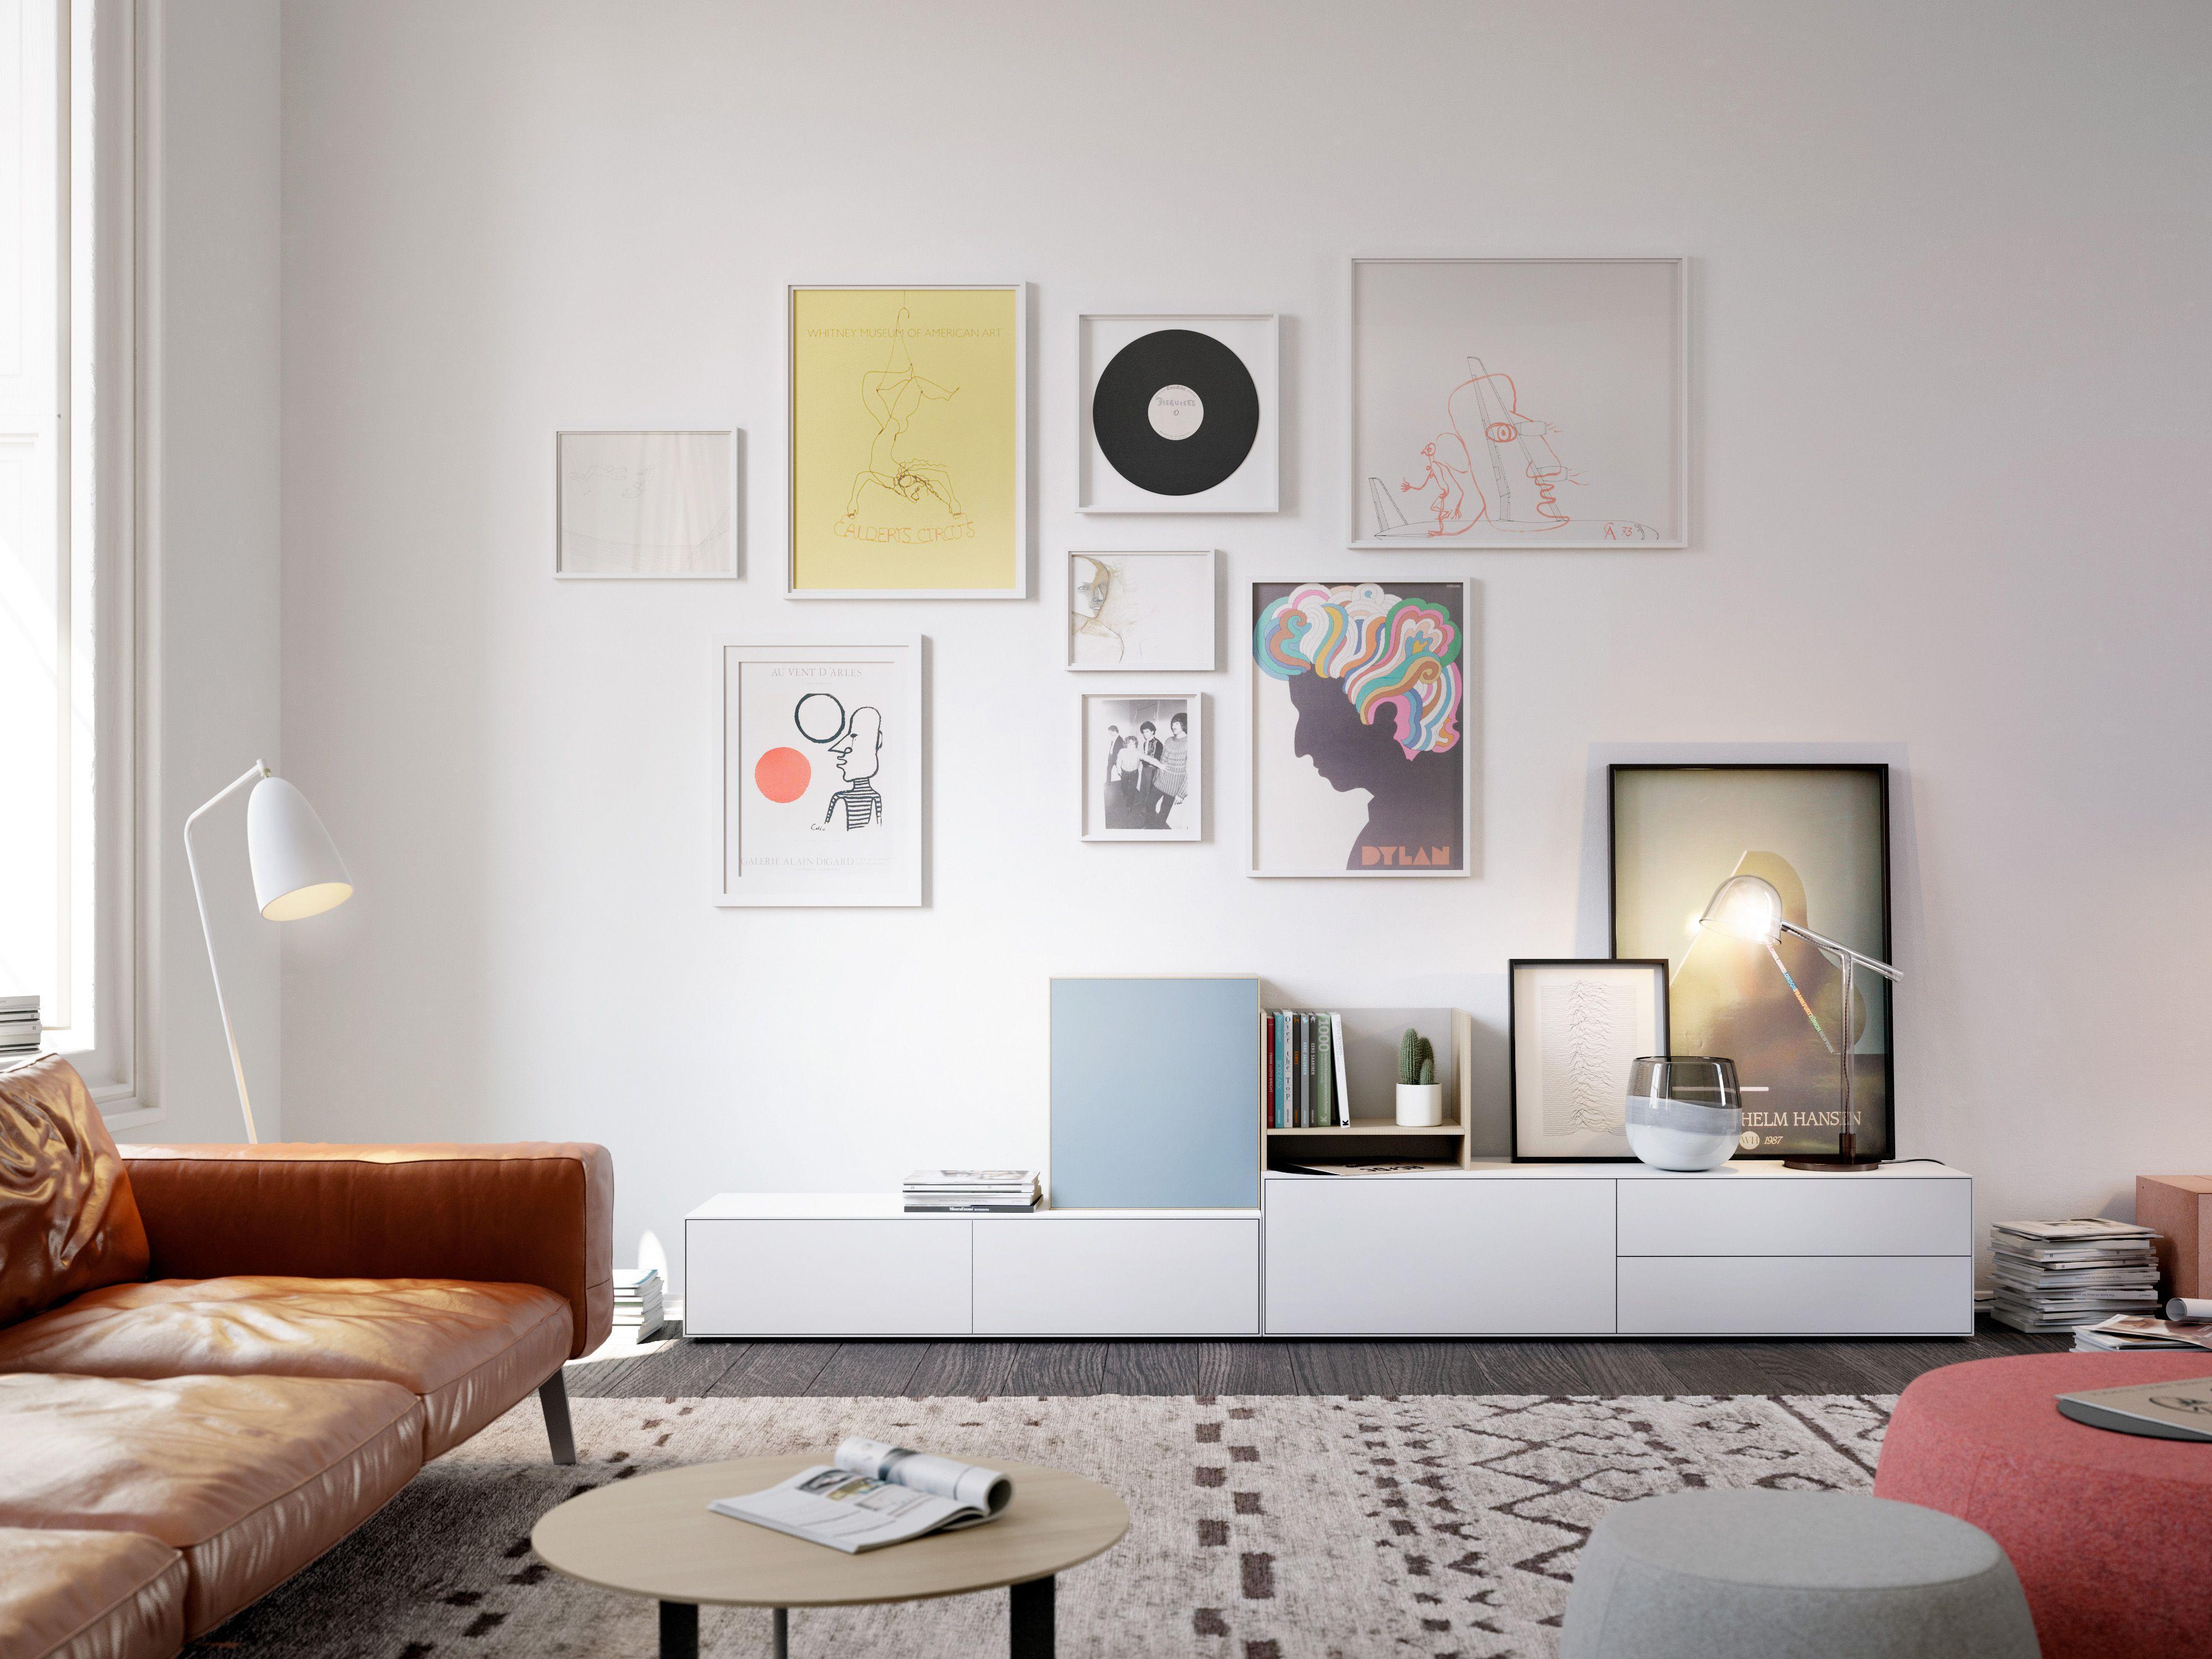 Lauki collection modulares para realizar tu composición.